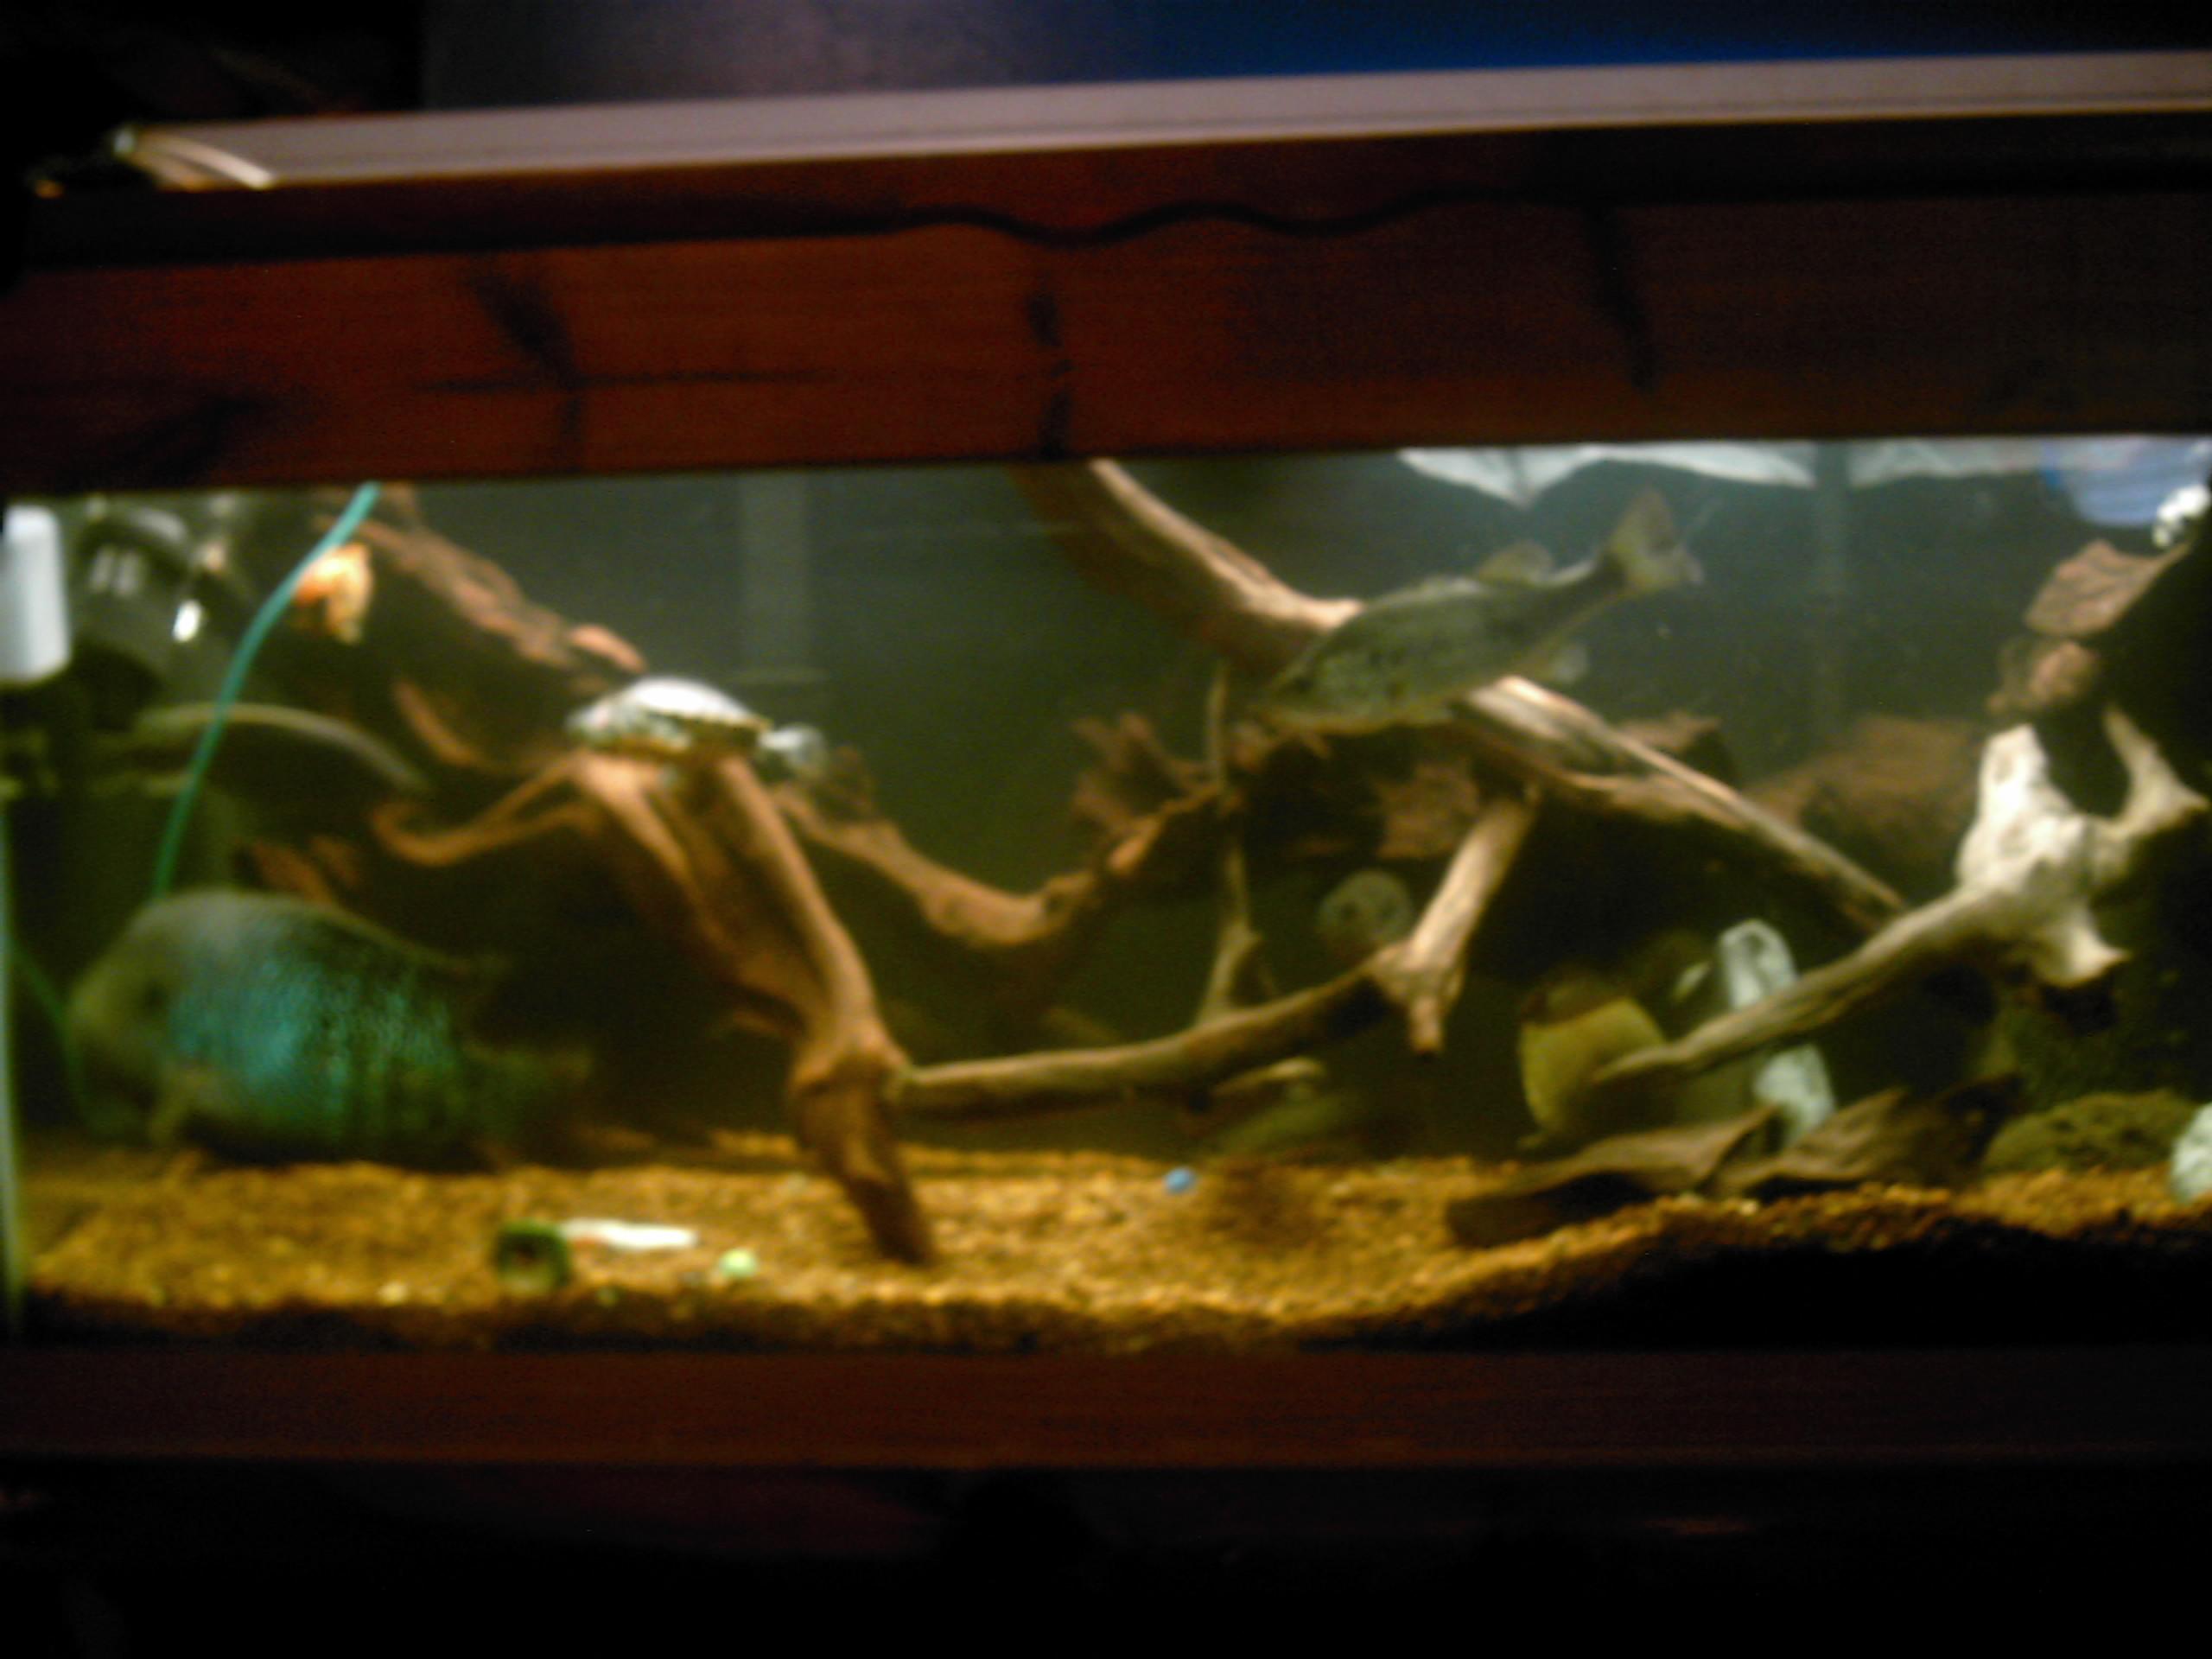 cichlids.com: 75 gallons